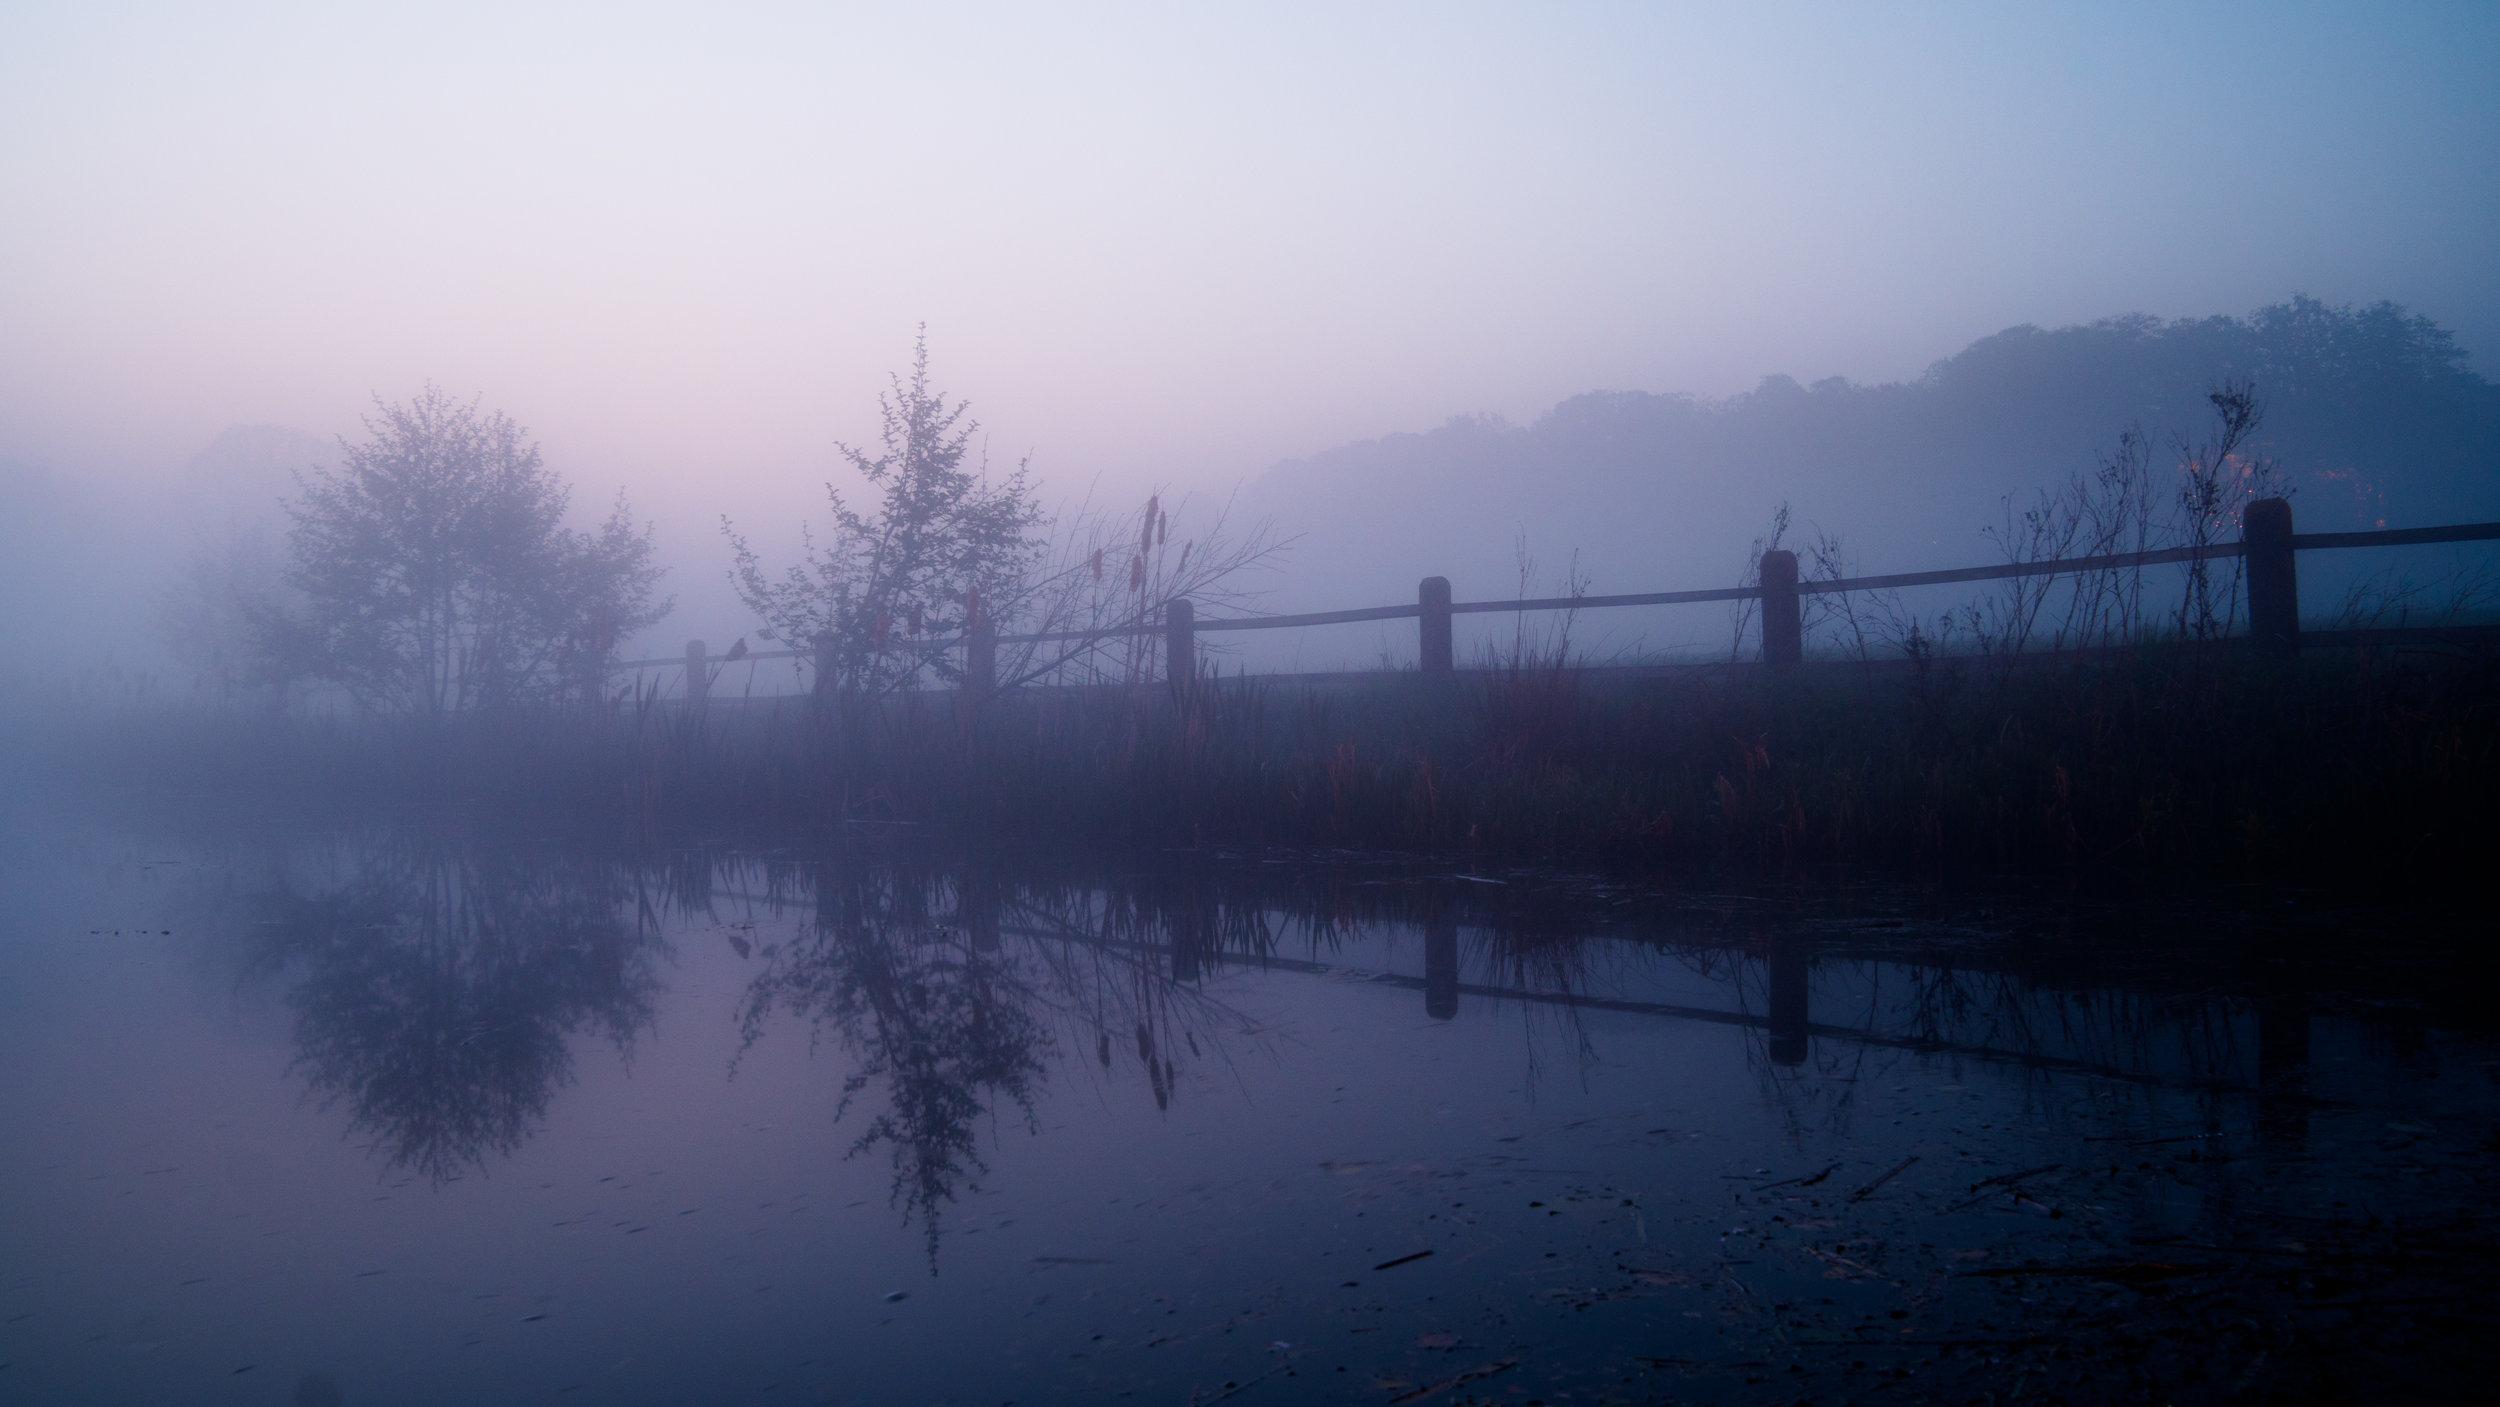 Evening mist after sunset